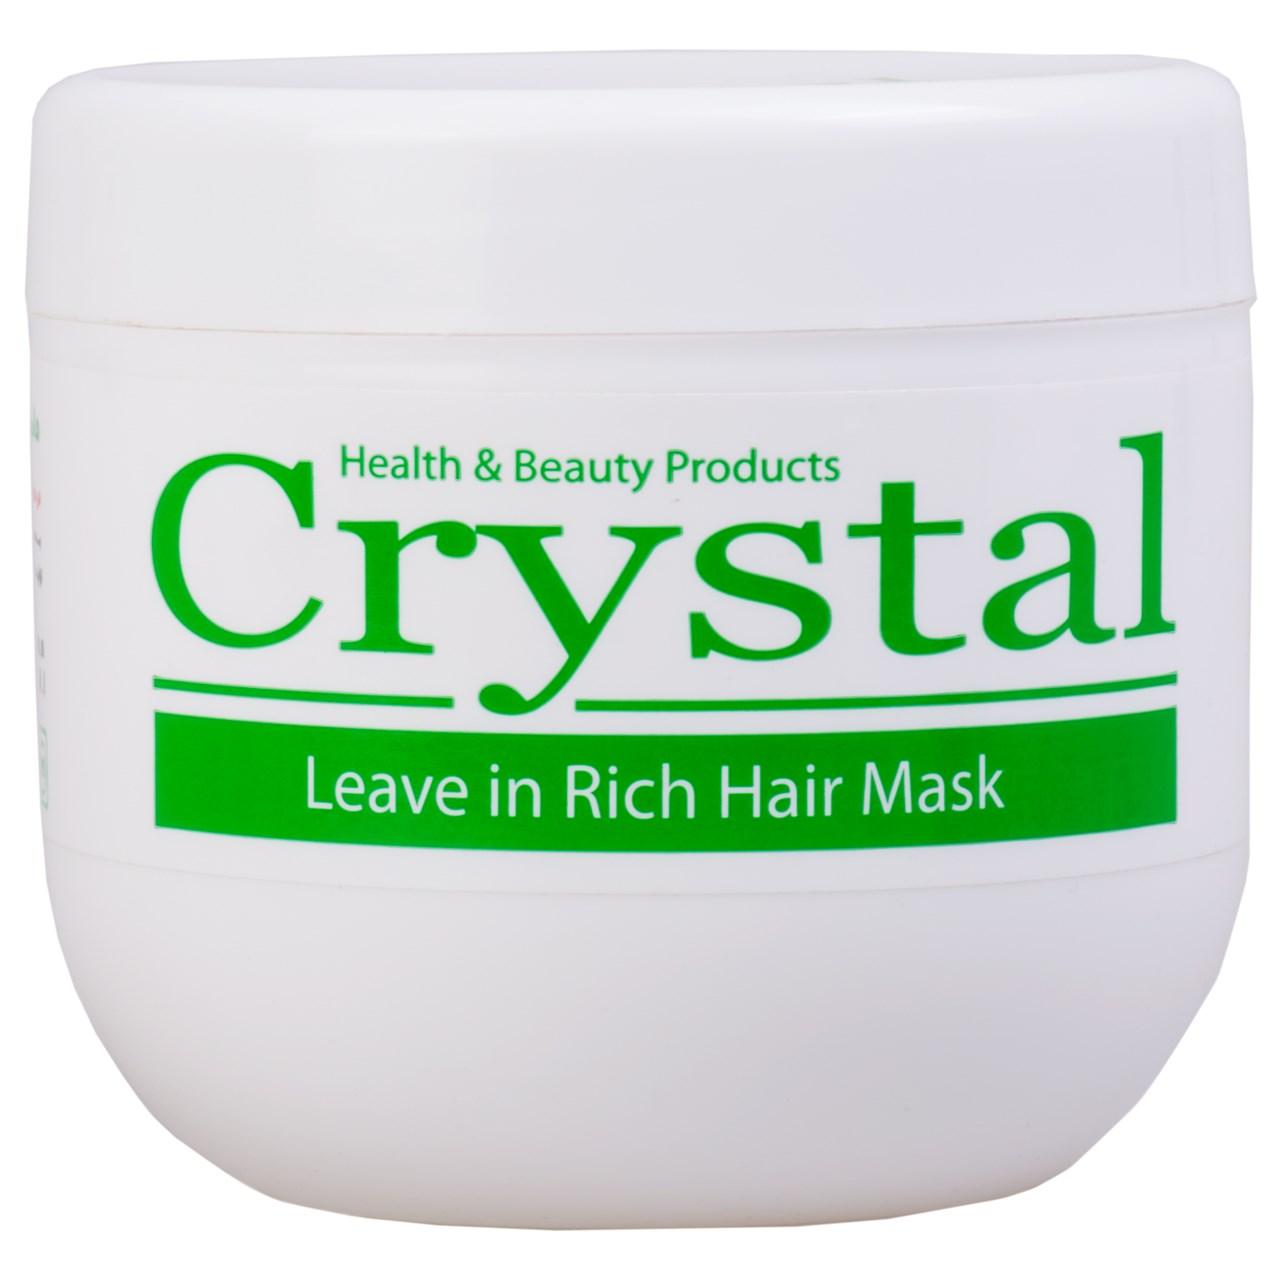 ماسک موی مغذی کریستال مدل بدون آبکشی حجم 500 میلی لیتر